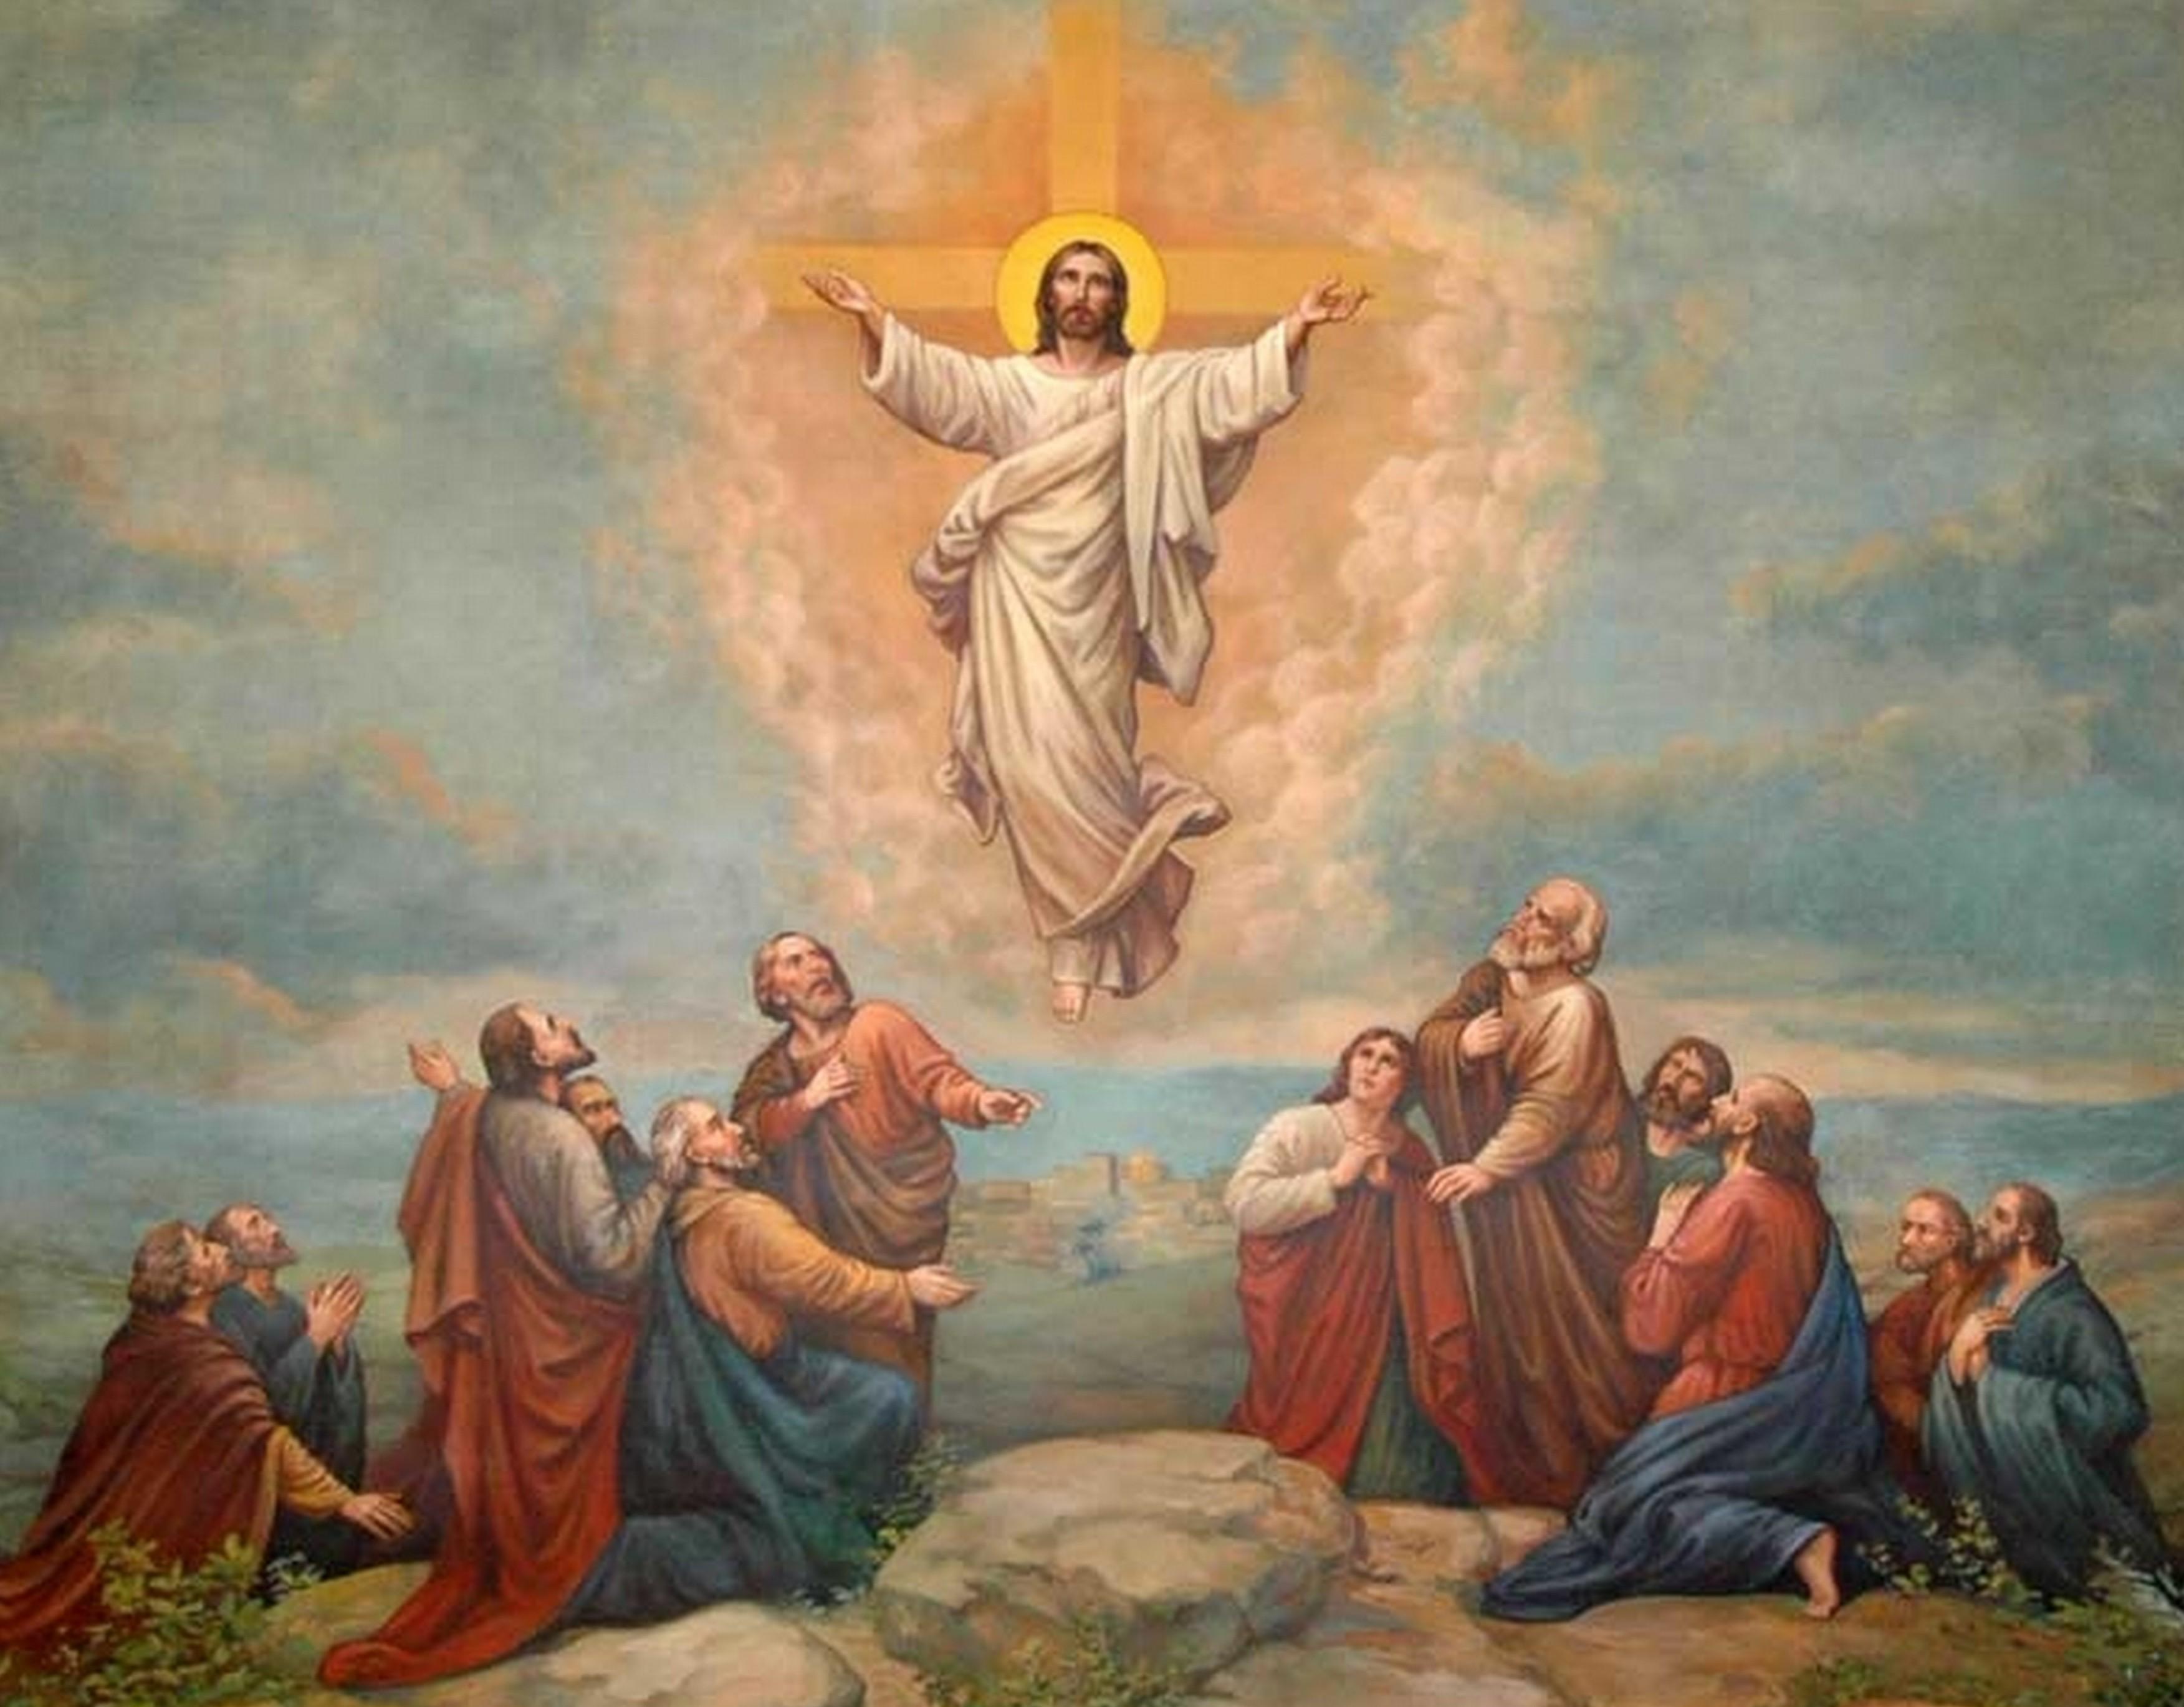 Znalezione obrazy dla zapytania Wniebowstąpienie pana Jezusa